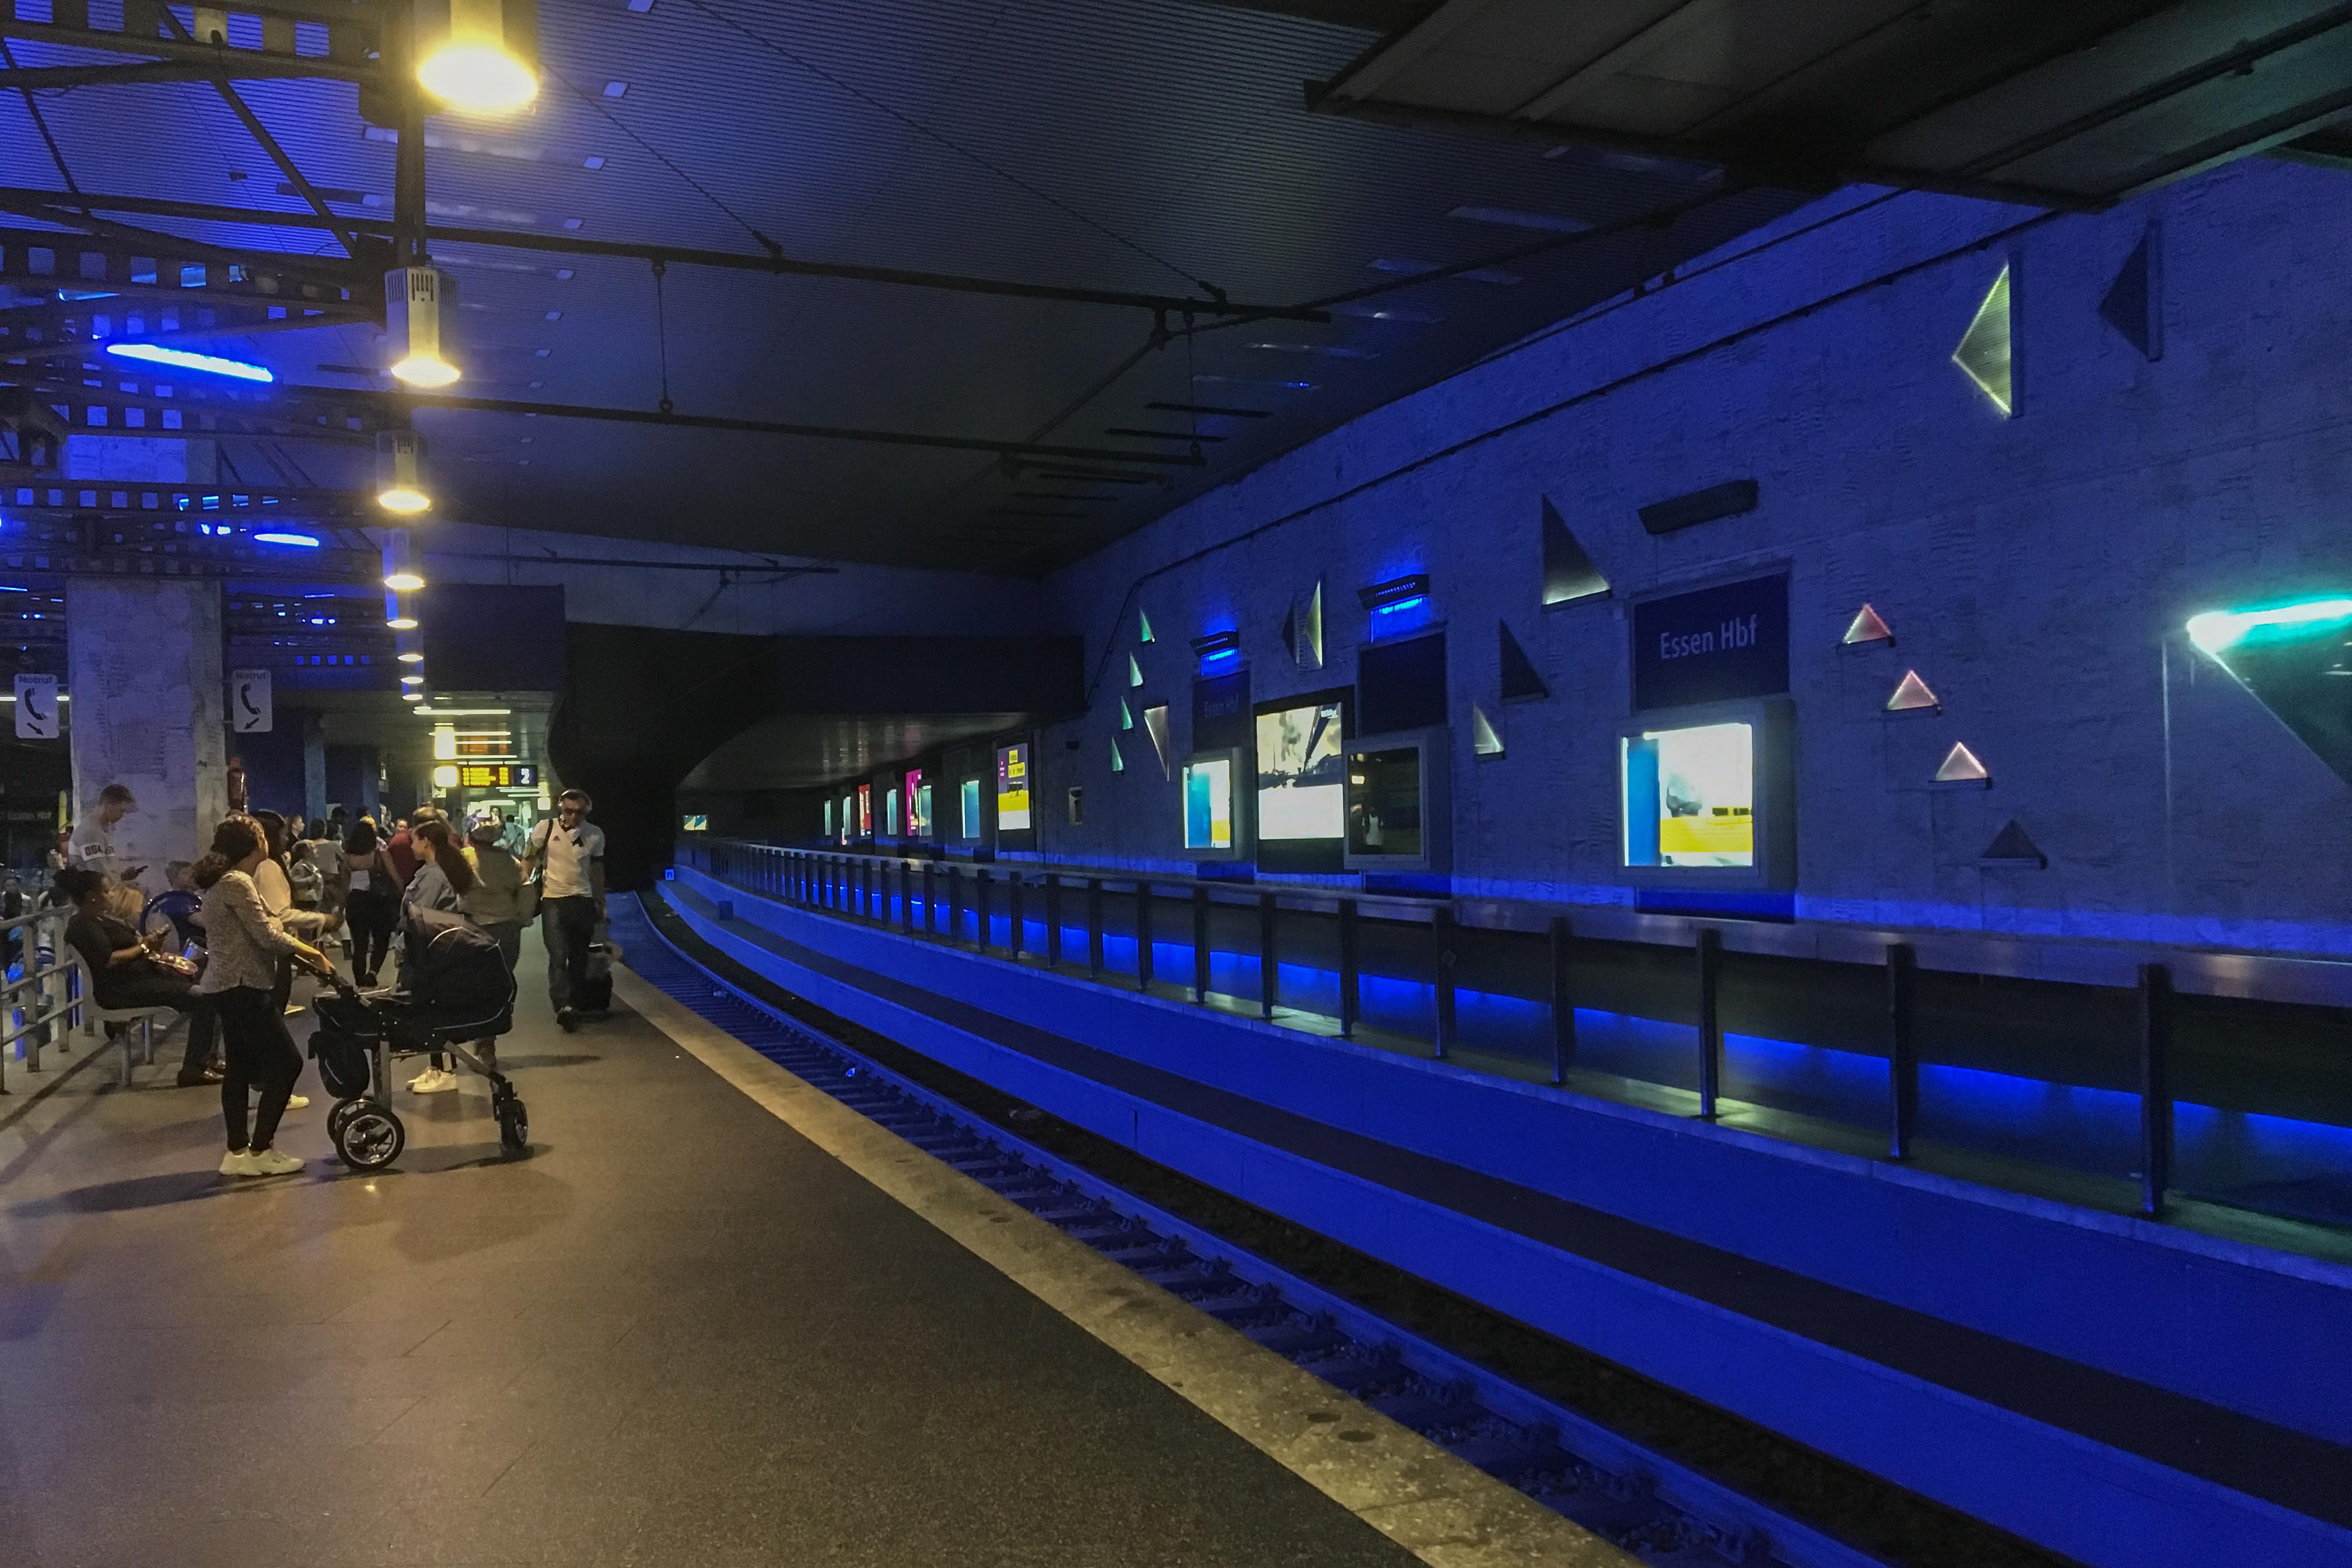 Mit dem Wohnmobil ins Ruhrgebiet - Essen U-Bahn